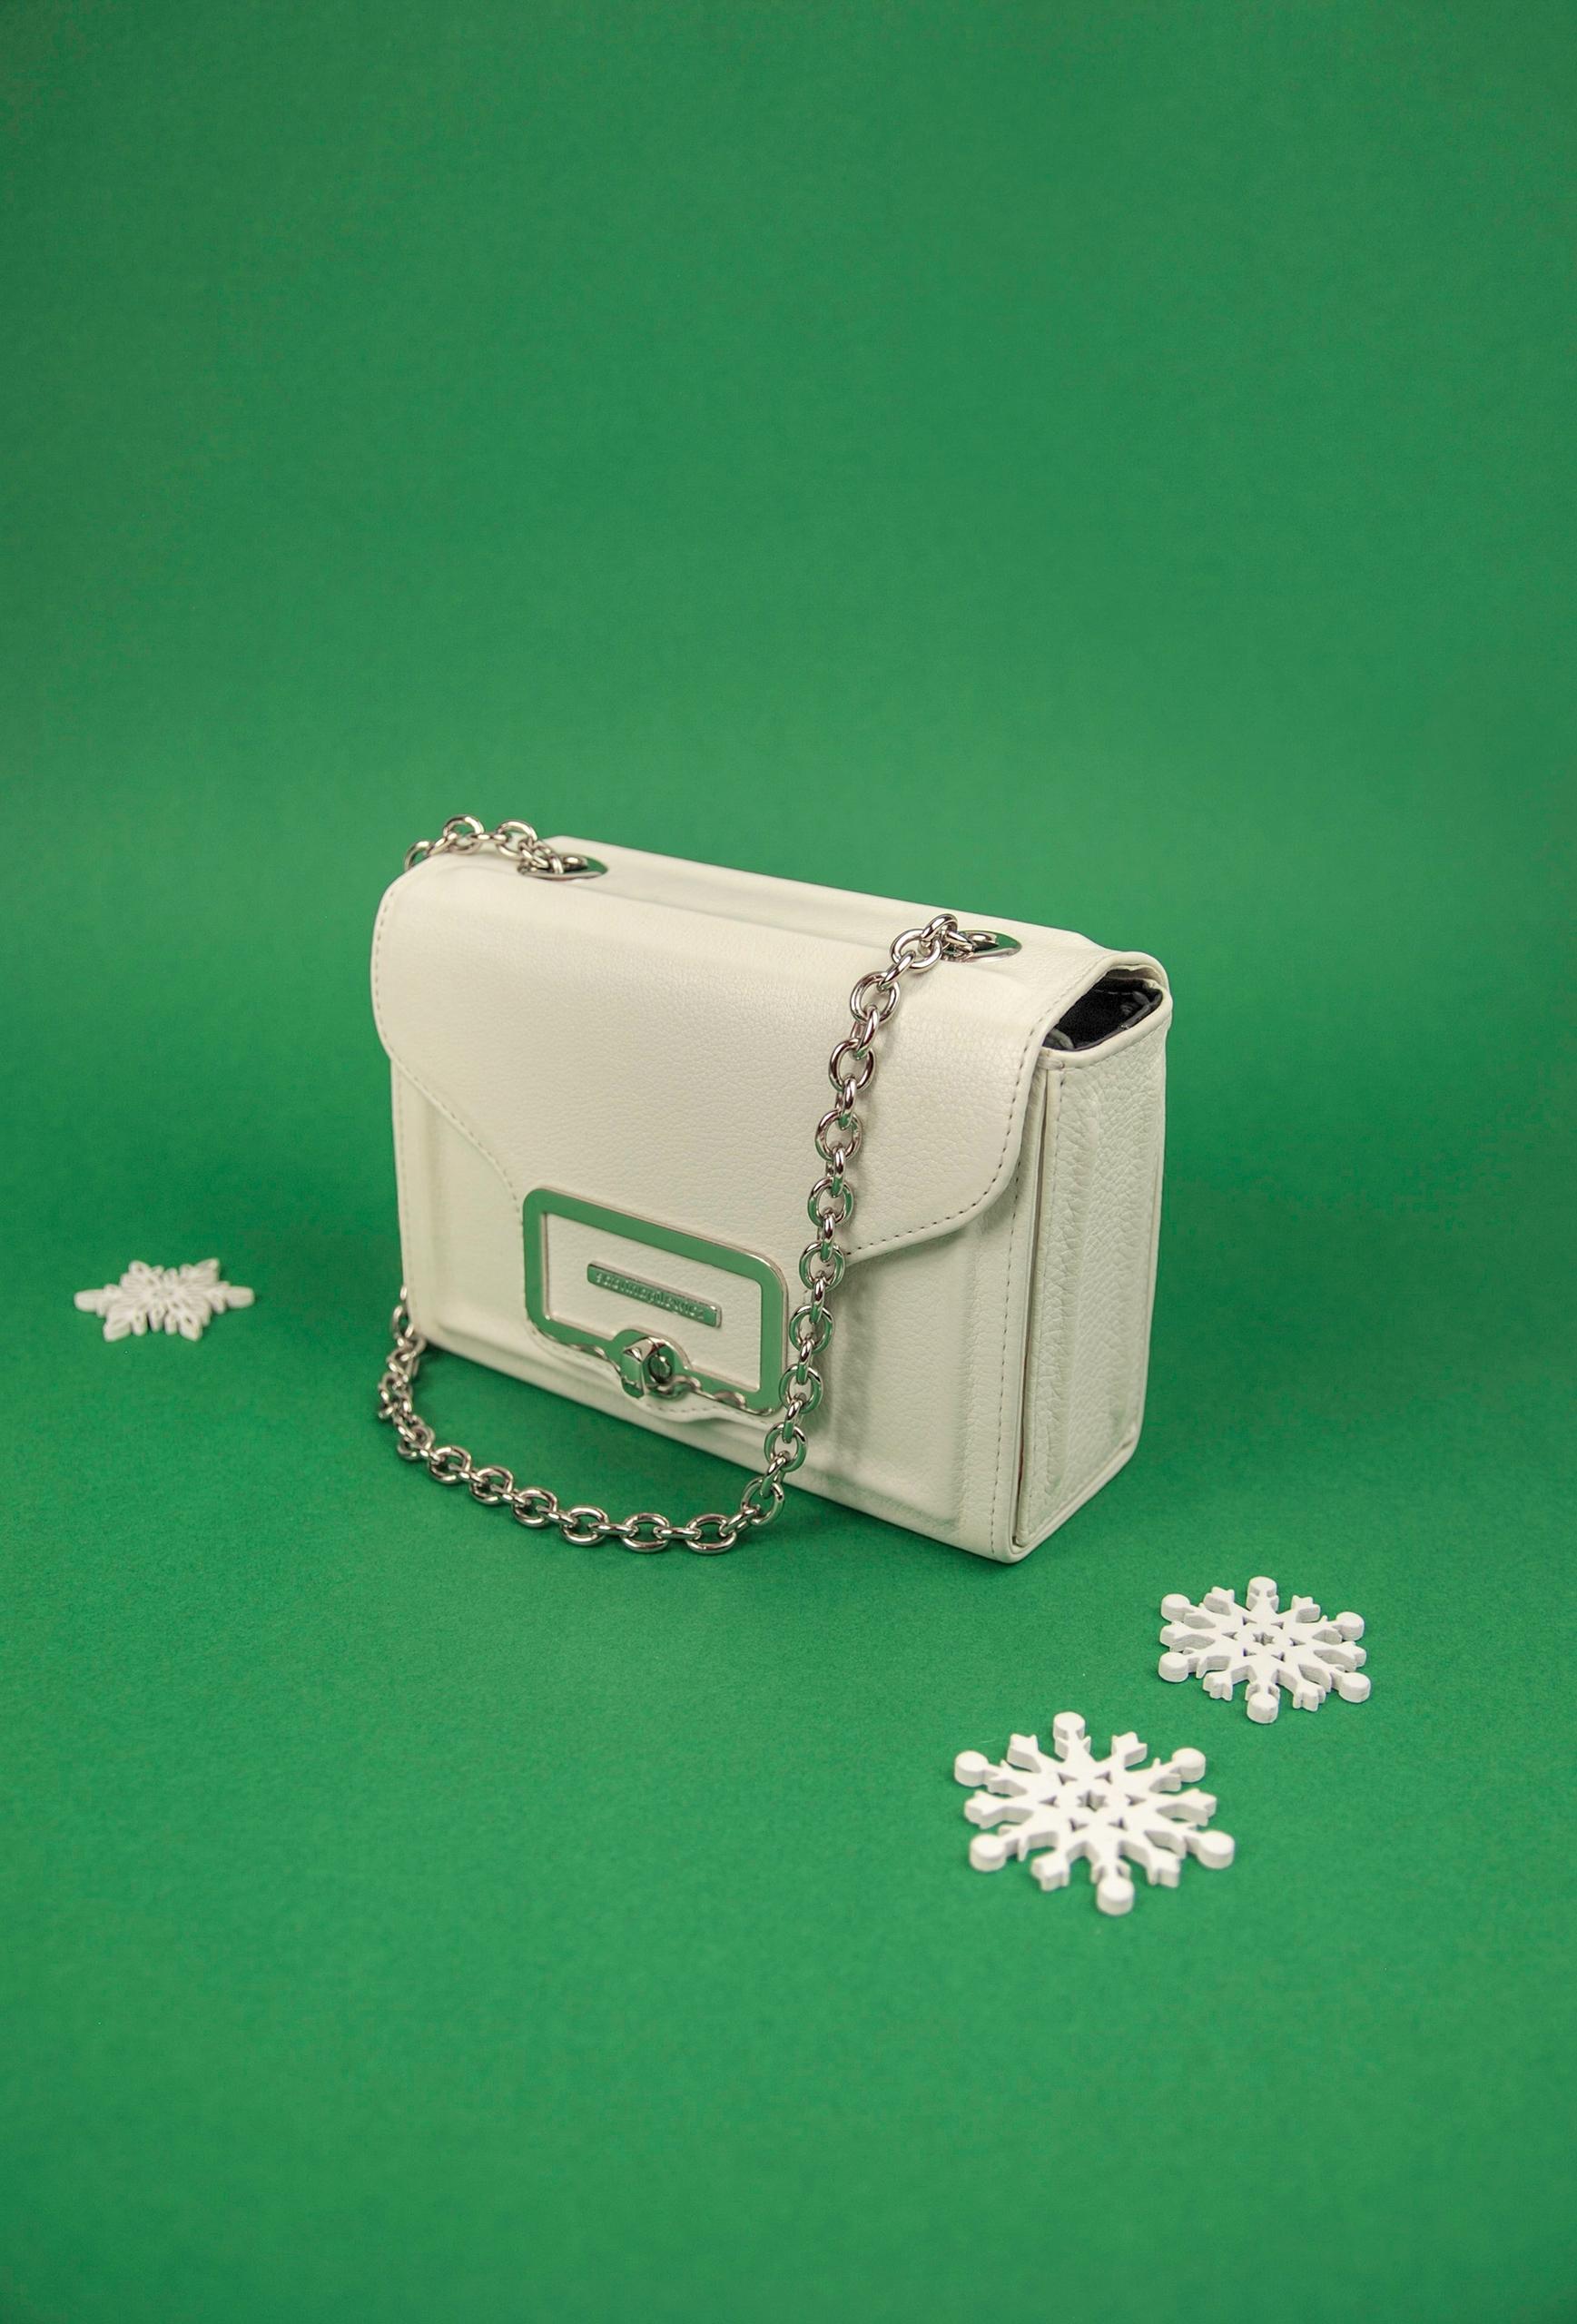 Zdjęcie przedstawia białą małą torebkę na zielonym tle. Obok widzimy trzy białe dekoracyjne elementy w kształcie gwiazdek.